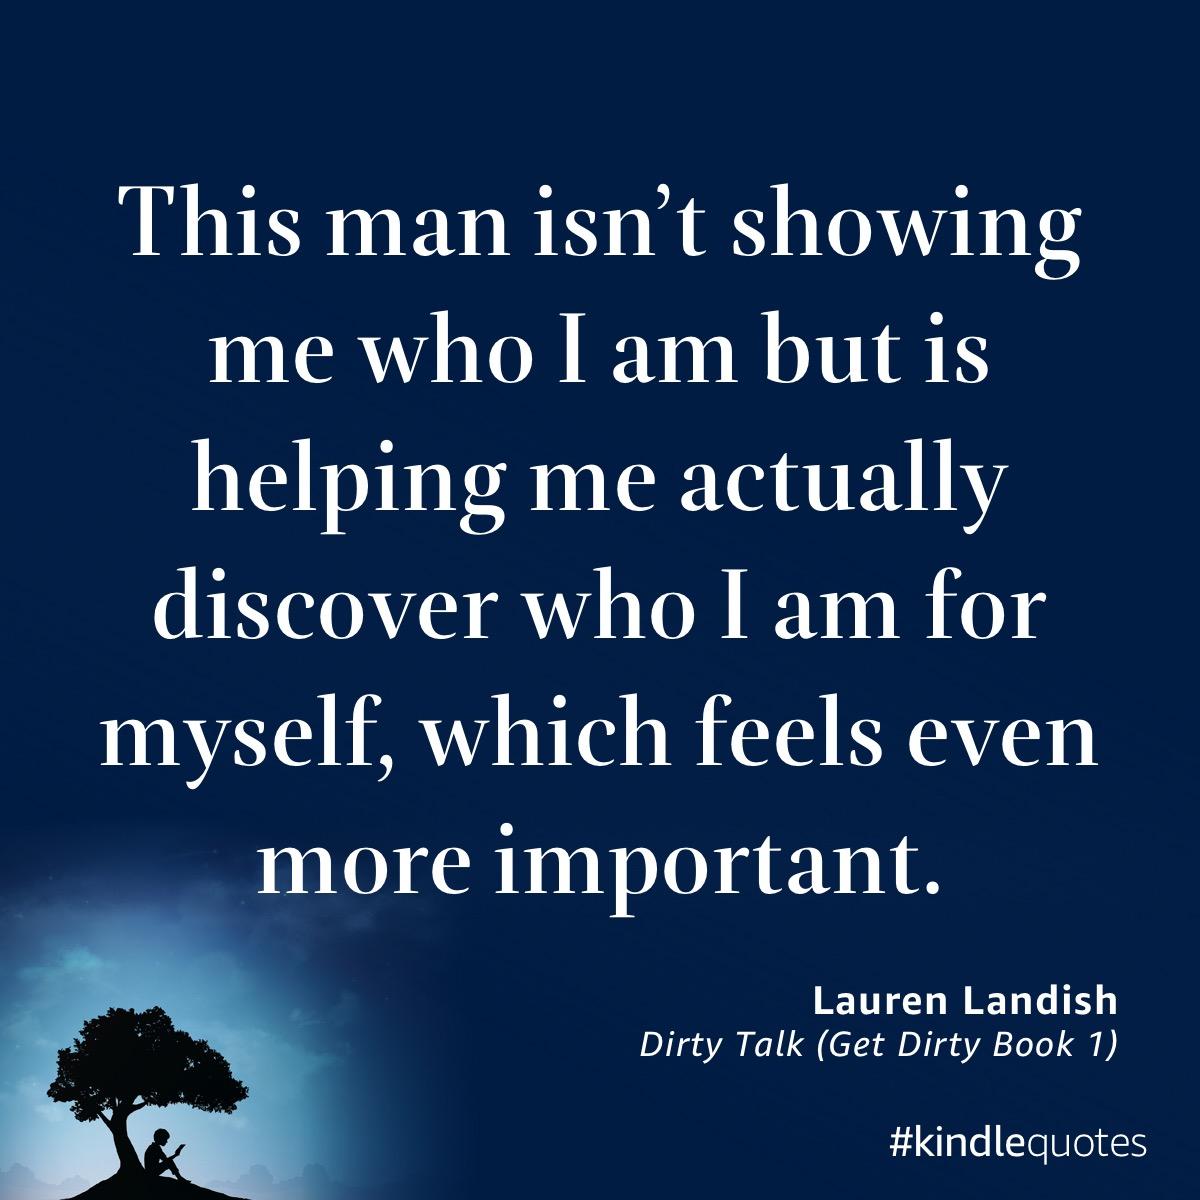 Book quote Lauren Landish